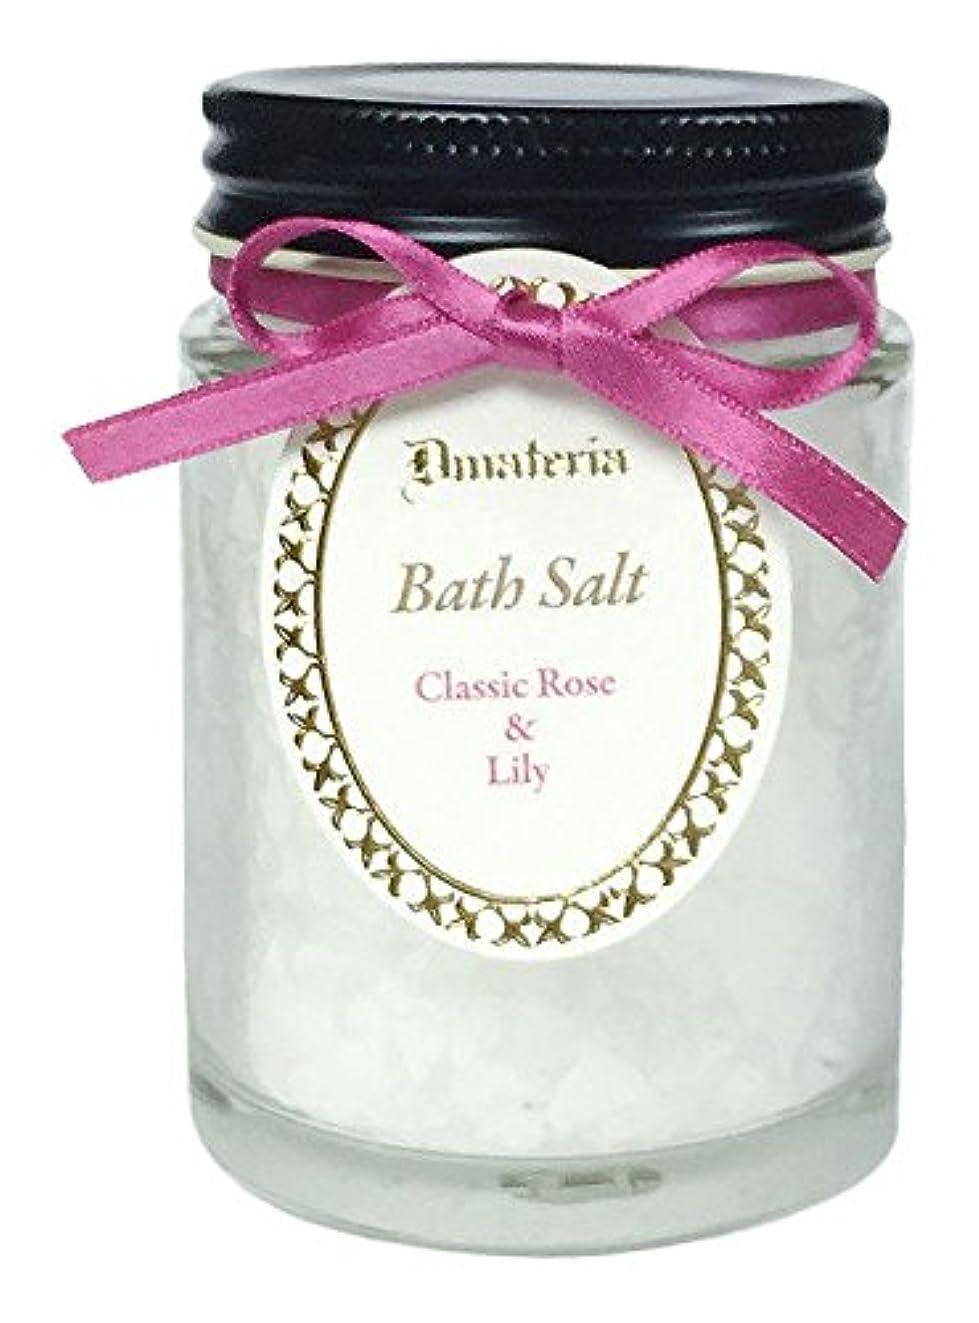 物理的な素晴らしいリラックスD materia バスソルト クラシックローズ&リリー Classic Rose&Lily Bath Salt ディーマテリア